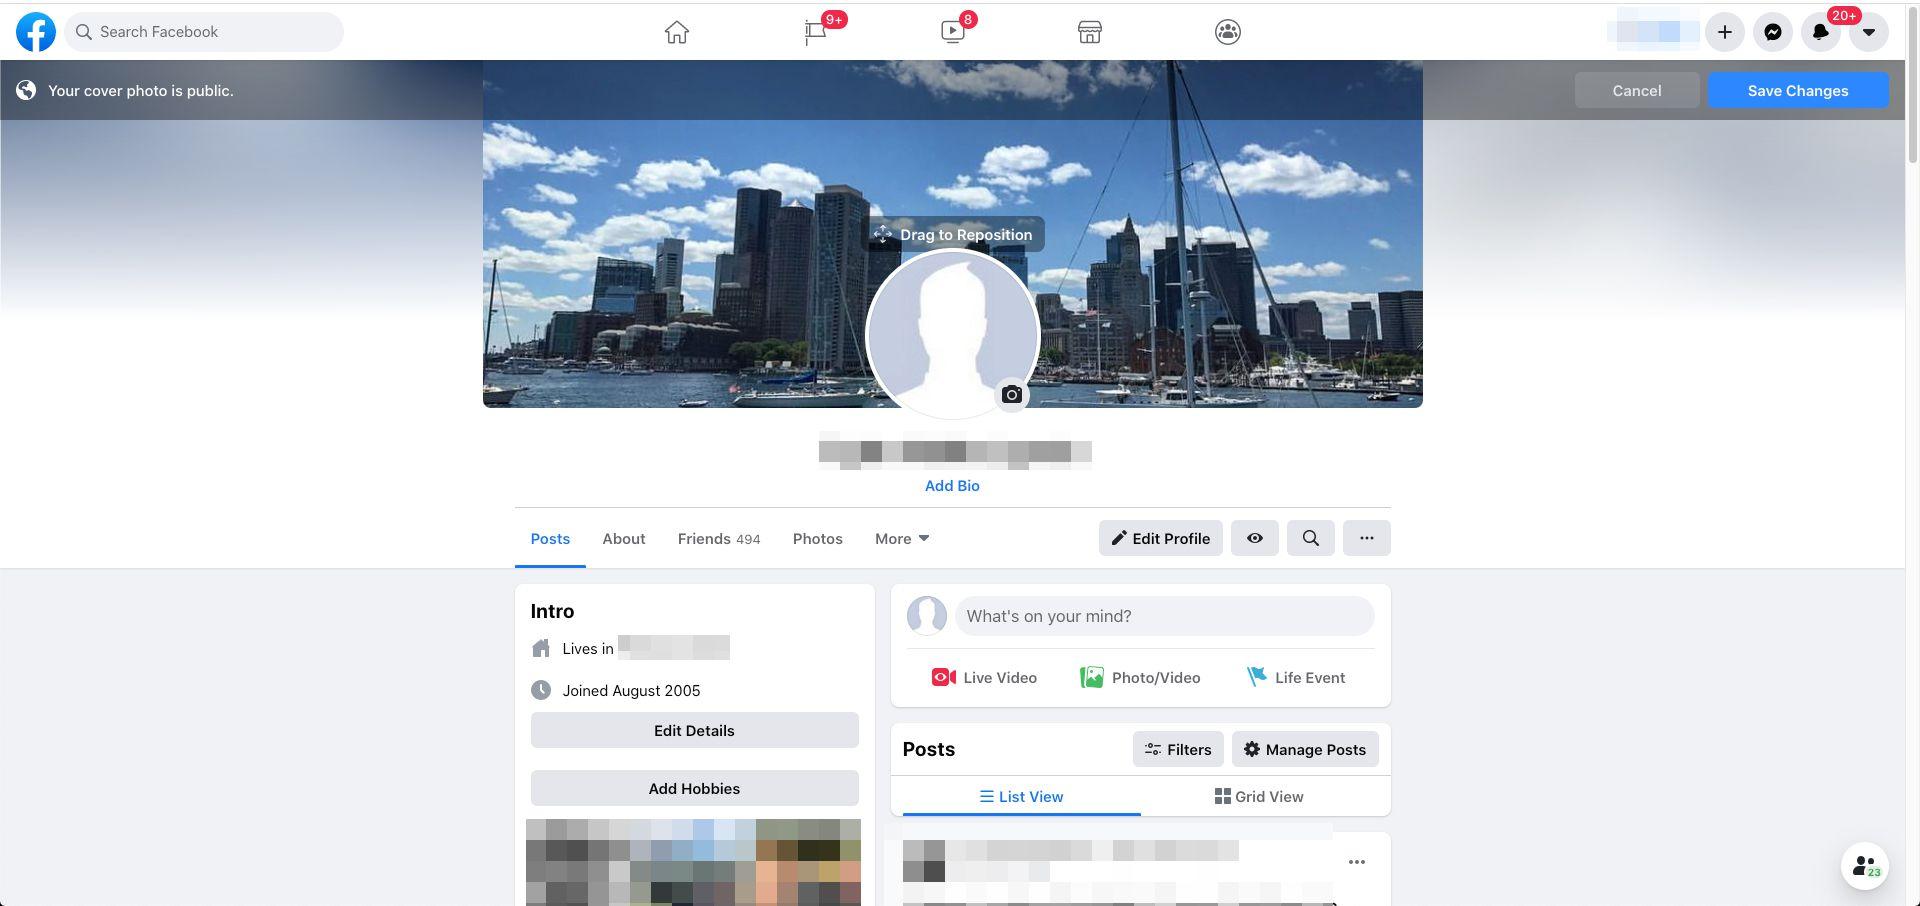 Facebook drag to reposition